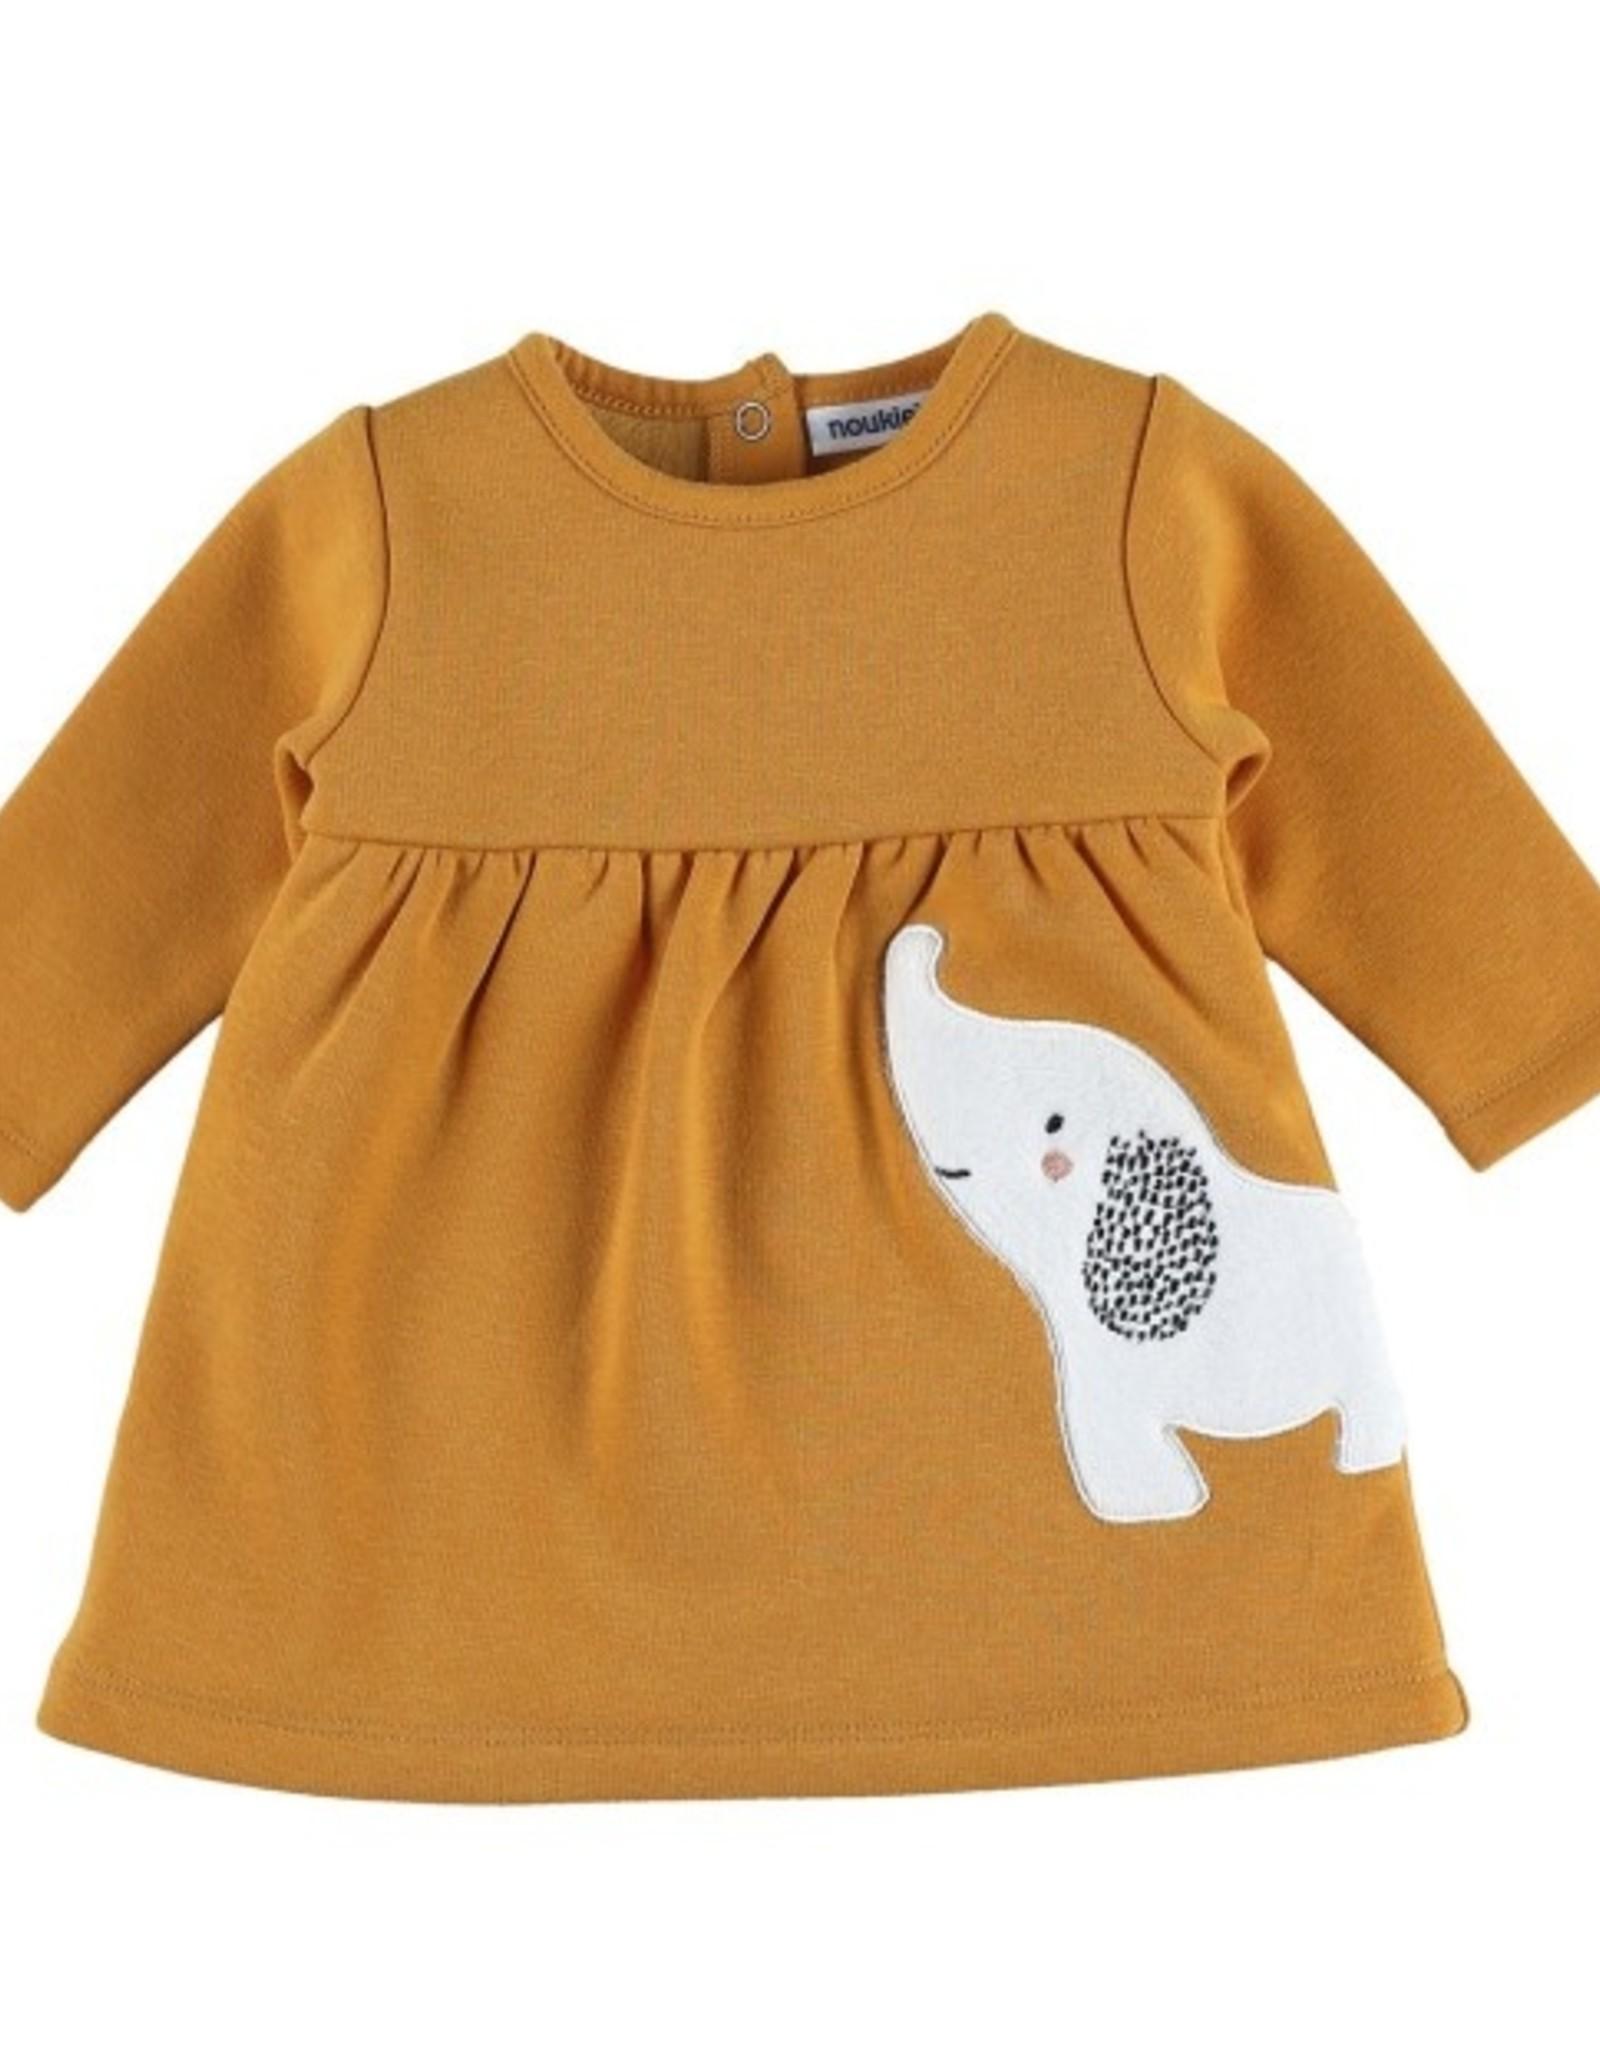 Noukie's Sweaterkleedje oker met olifant